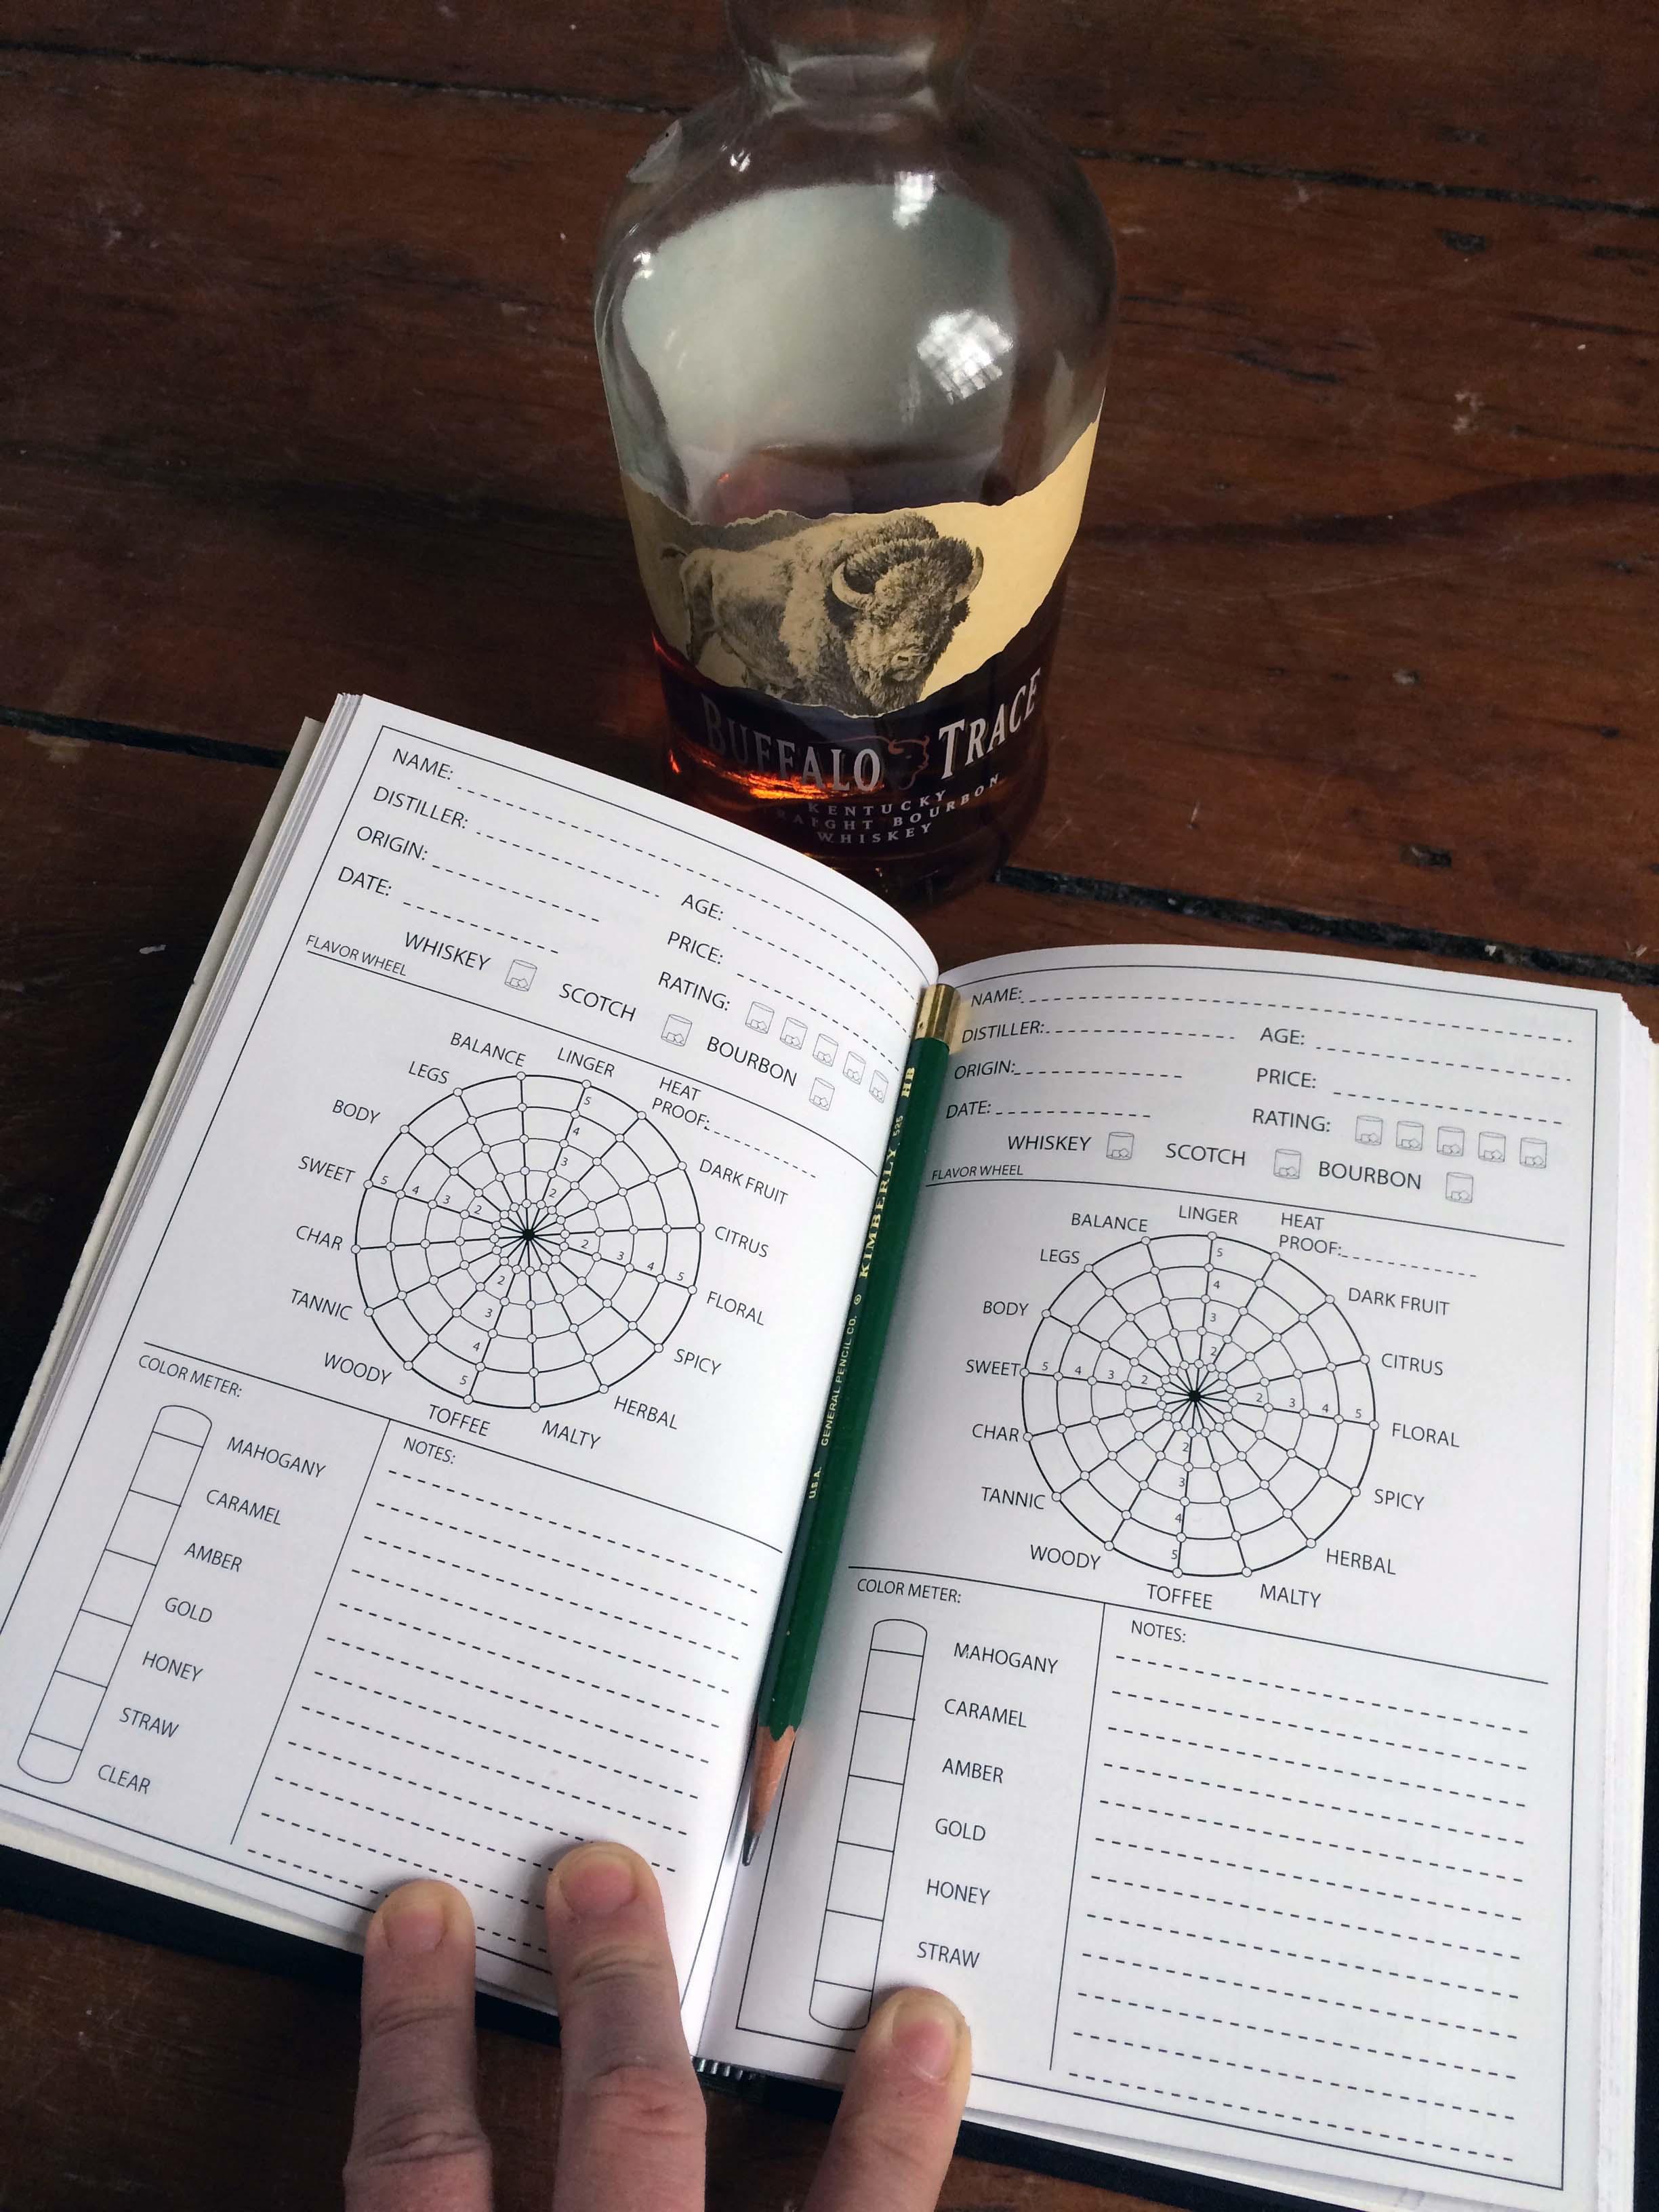 dski-design-bourbon-tasting-book-6.jpg